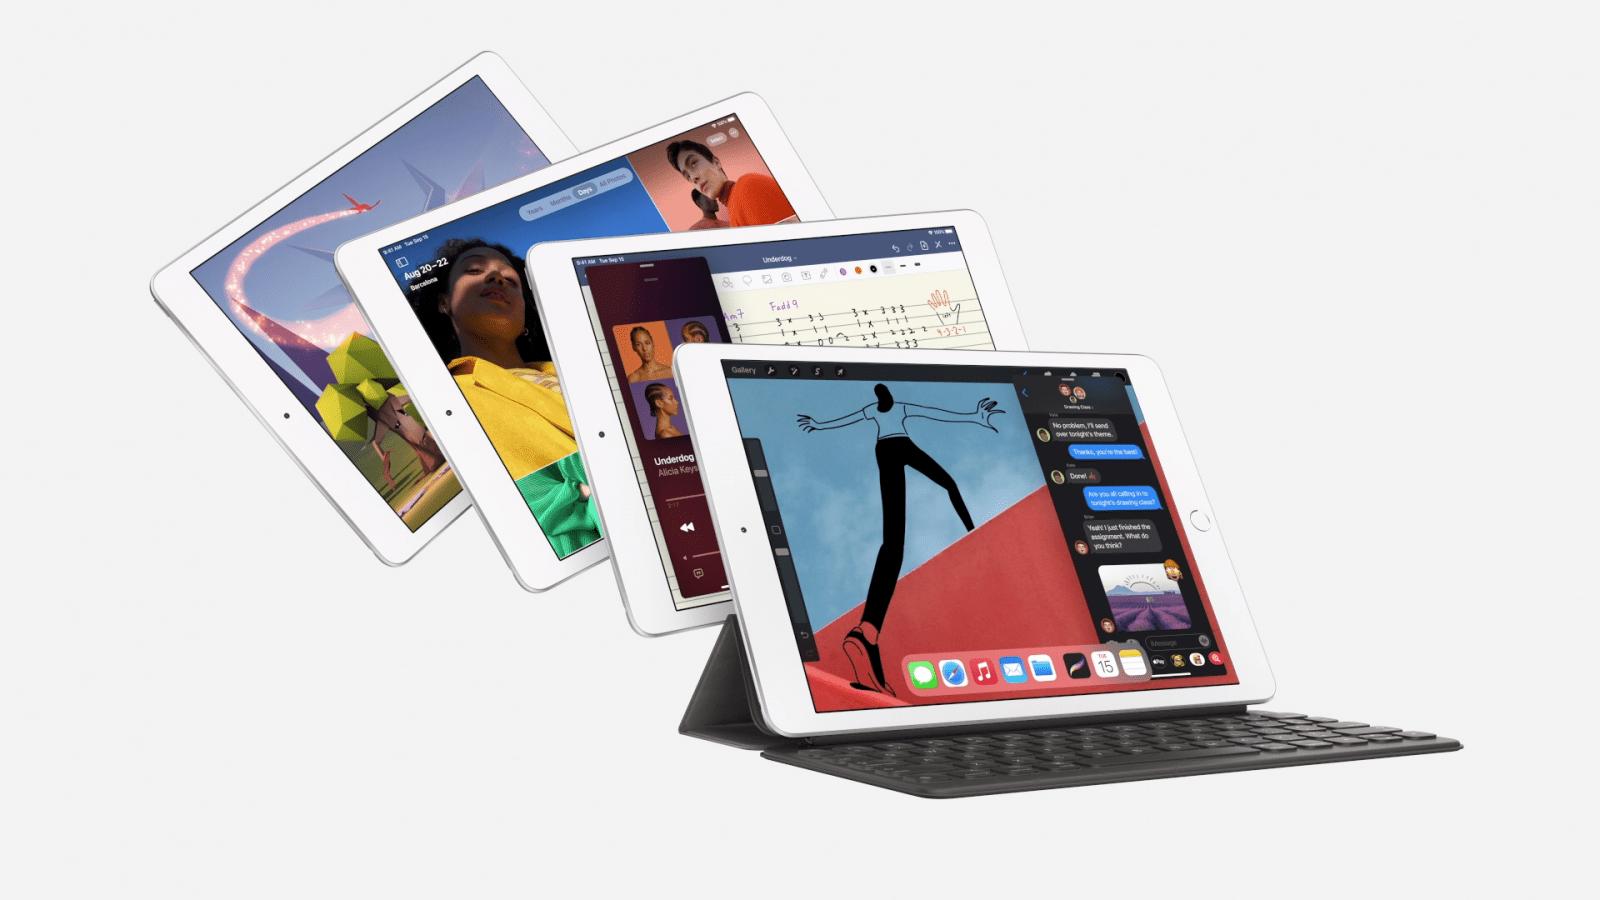 Всё, что показали на презентации Apple: Watch, iPad Air, Fitness + и многое другое (snimok jekrana 58)